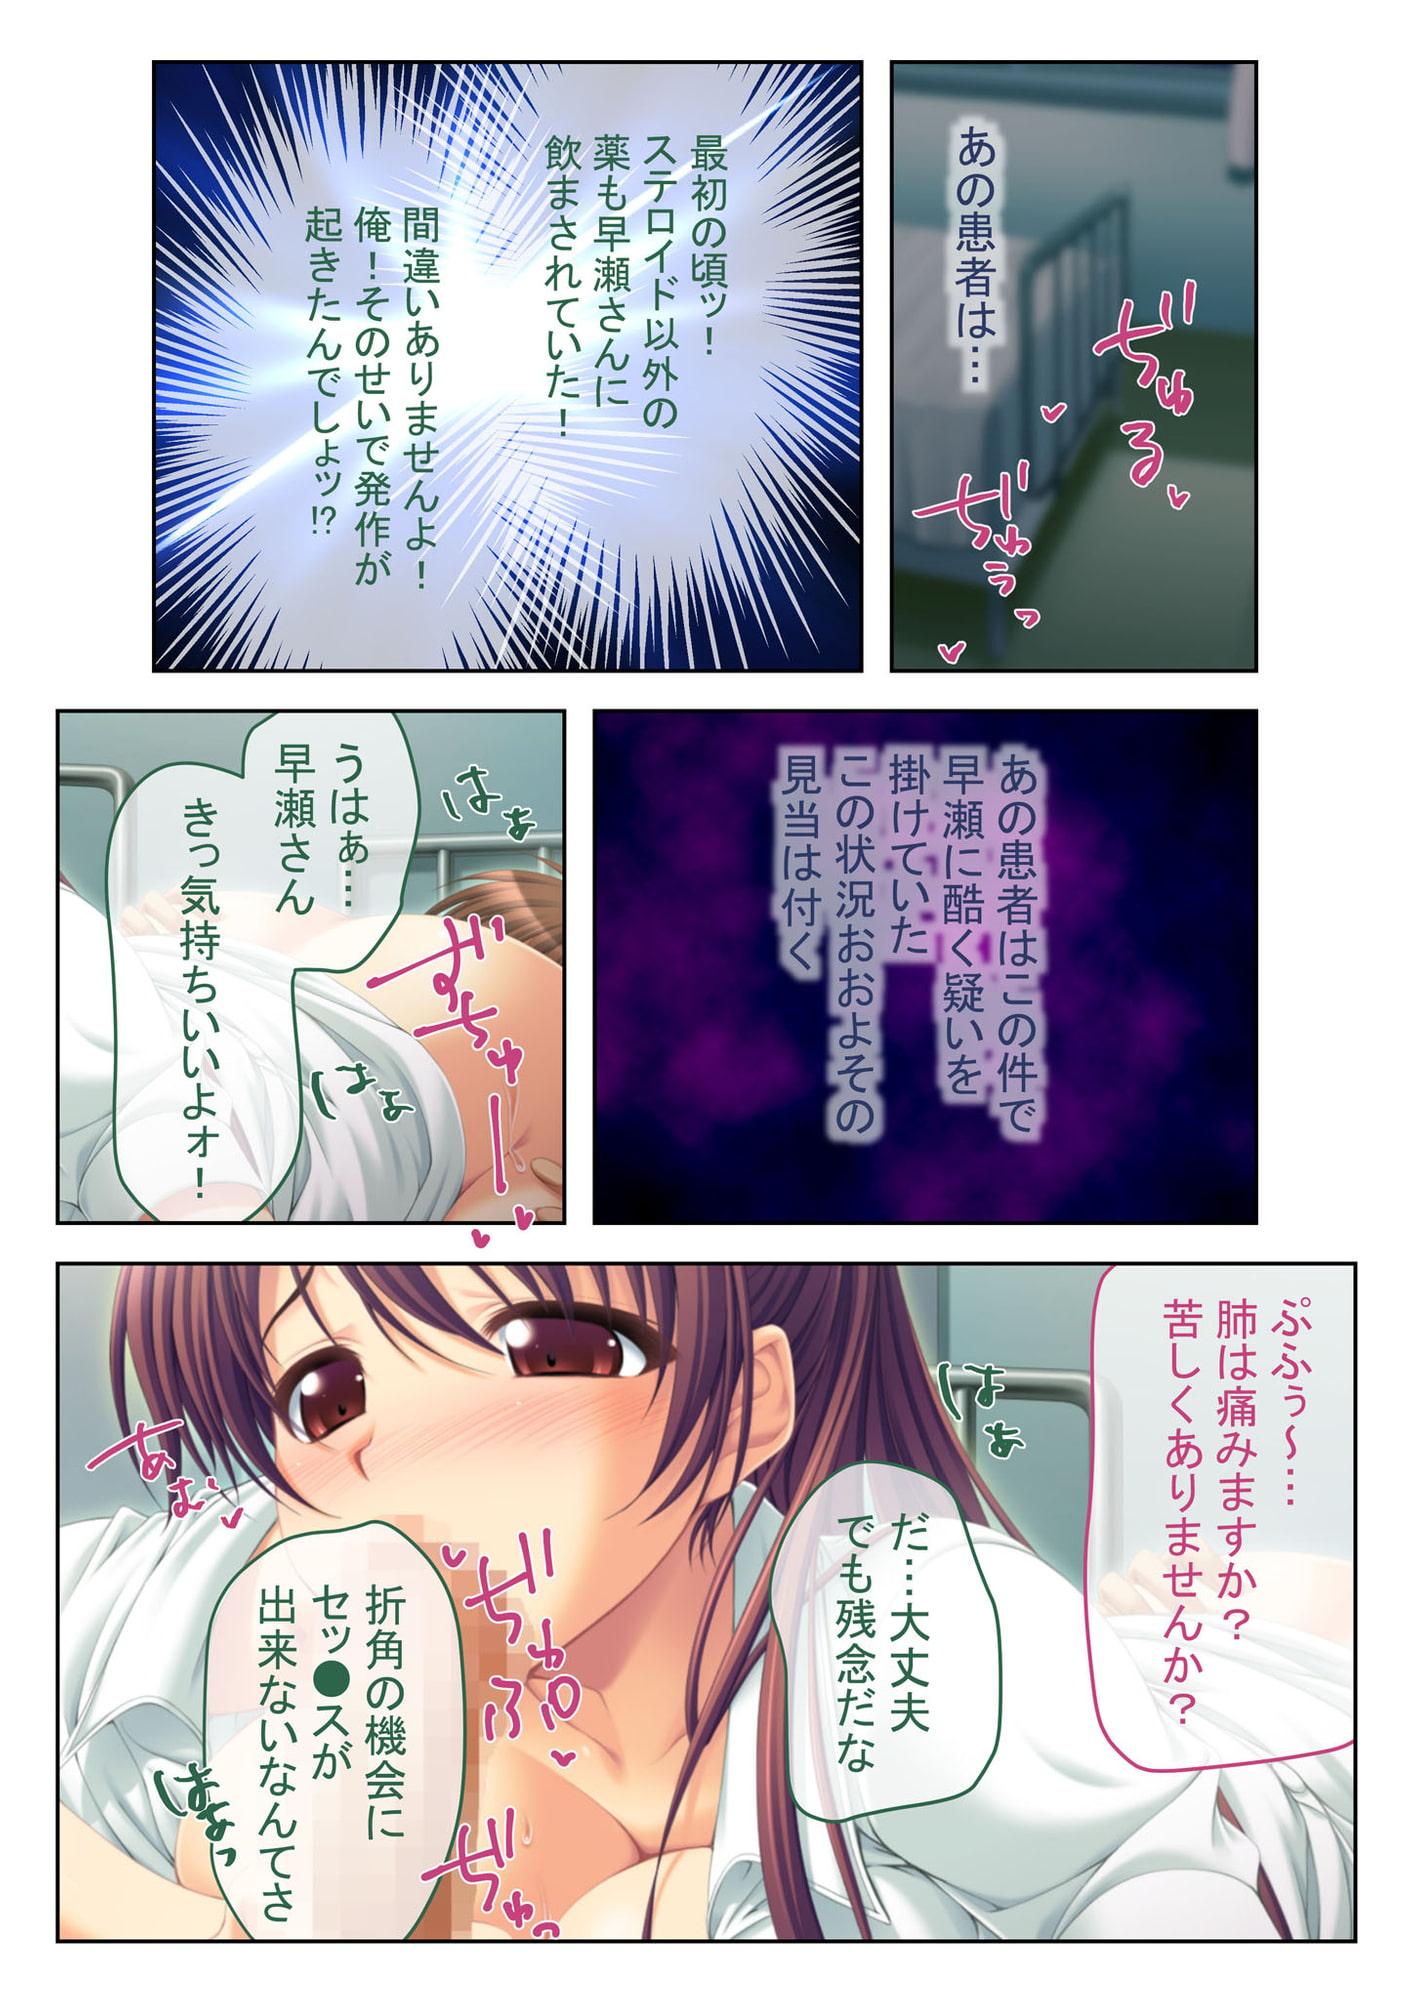 嫌がるナースにハメ放題!~性欲処理専門クリニック~ フルカラーコミック版